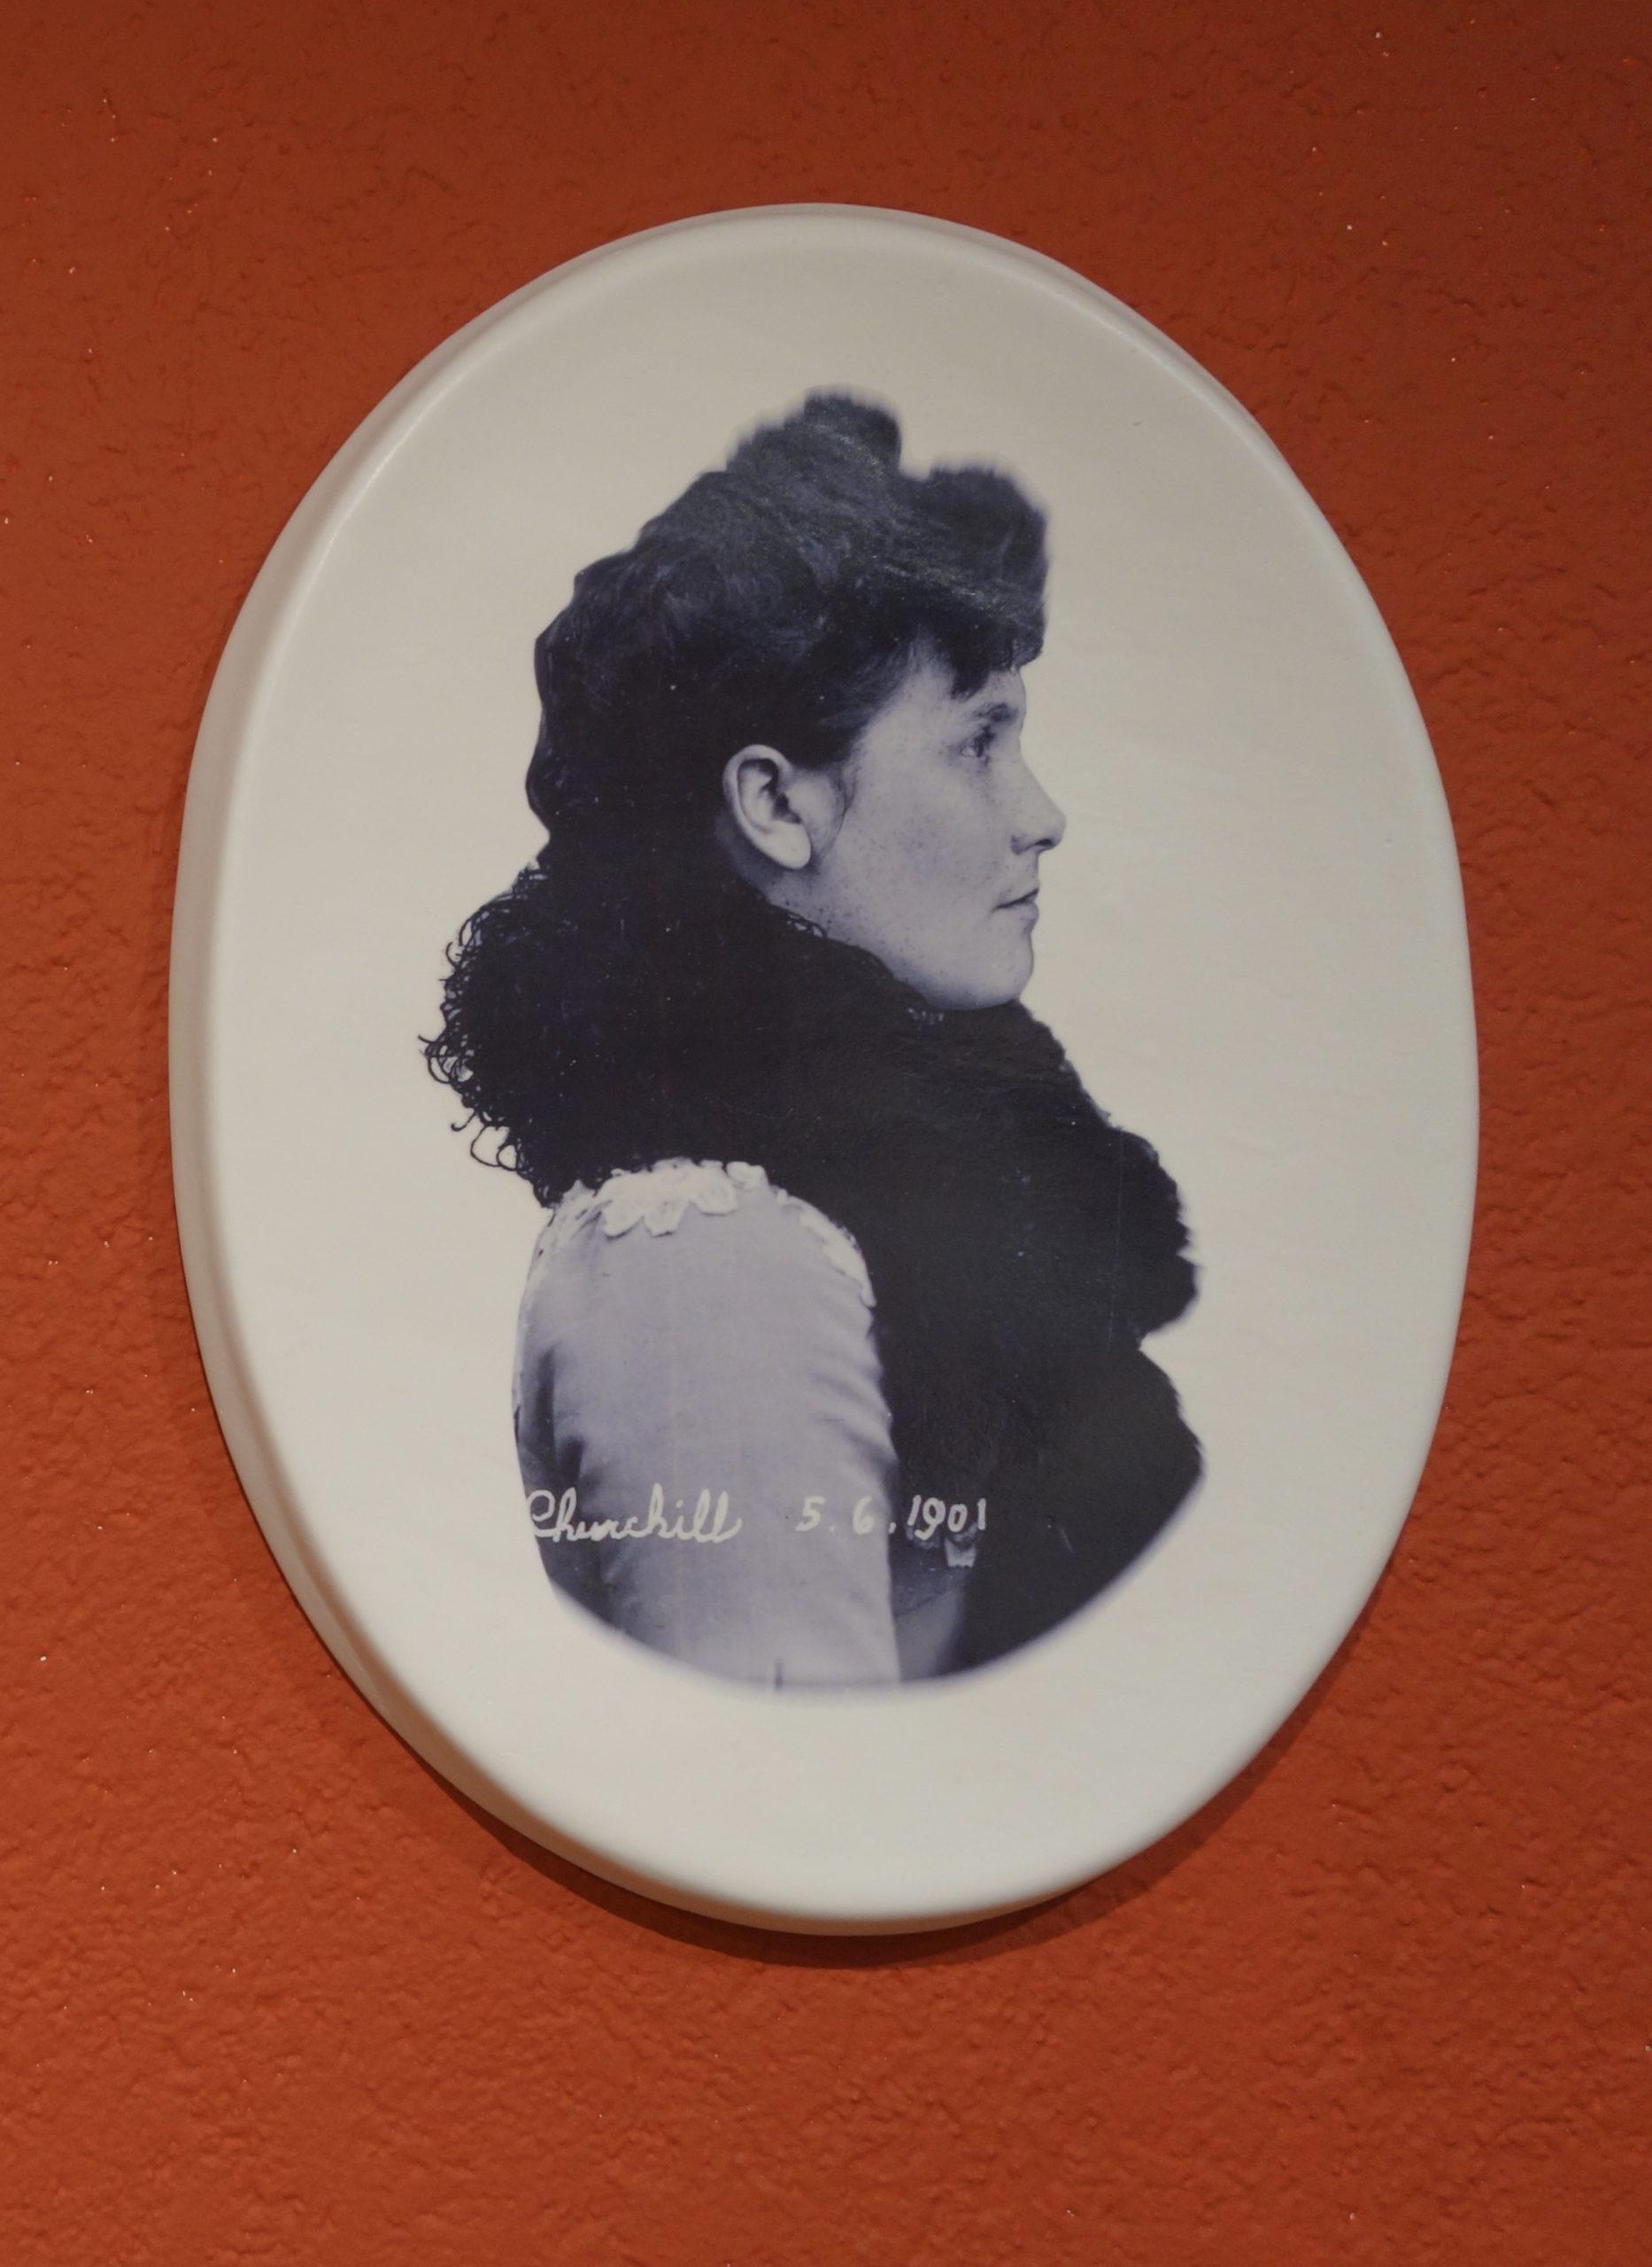 Rachel Labastie, de la série Les Eloignées Churchill – Face et Profil 2021 33 x 43 cm (x2) Porcelaine émaillée,Exhibition view MATRIOCHKAS, ANALIX FOREVER, mars 2021